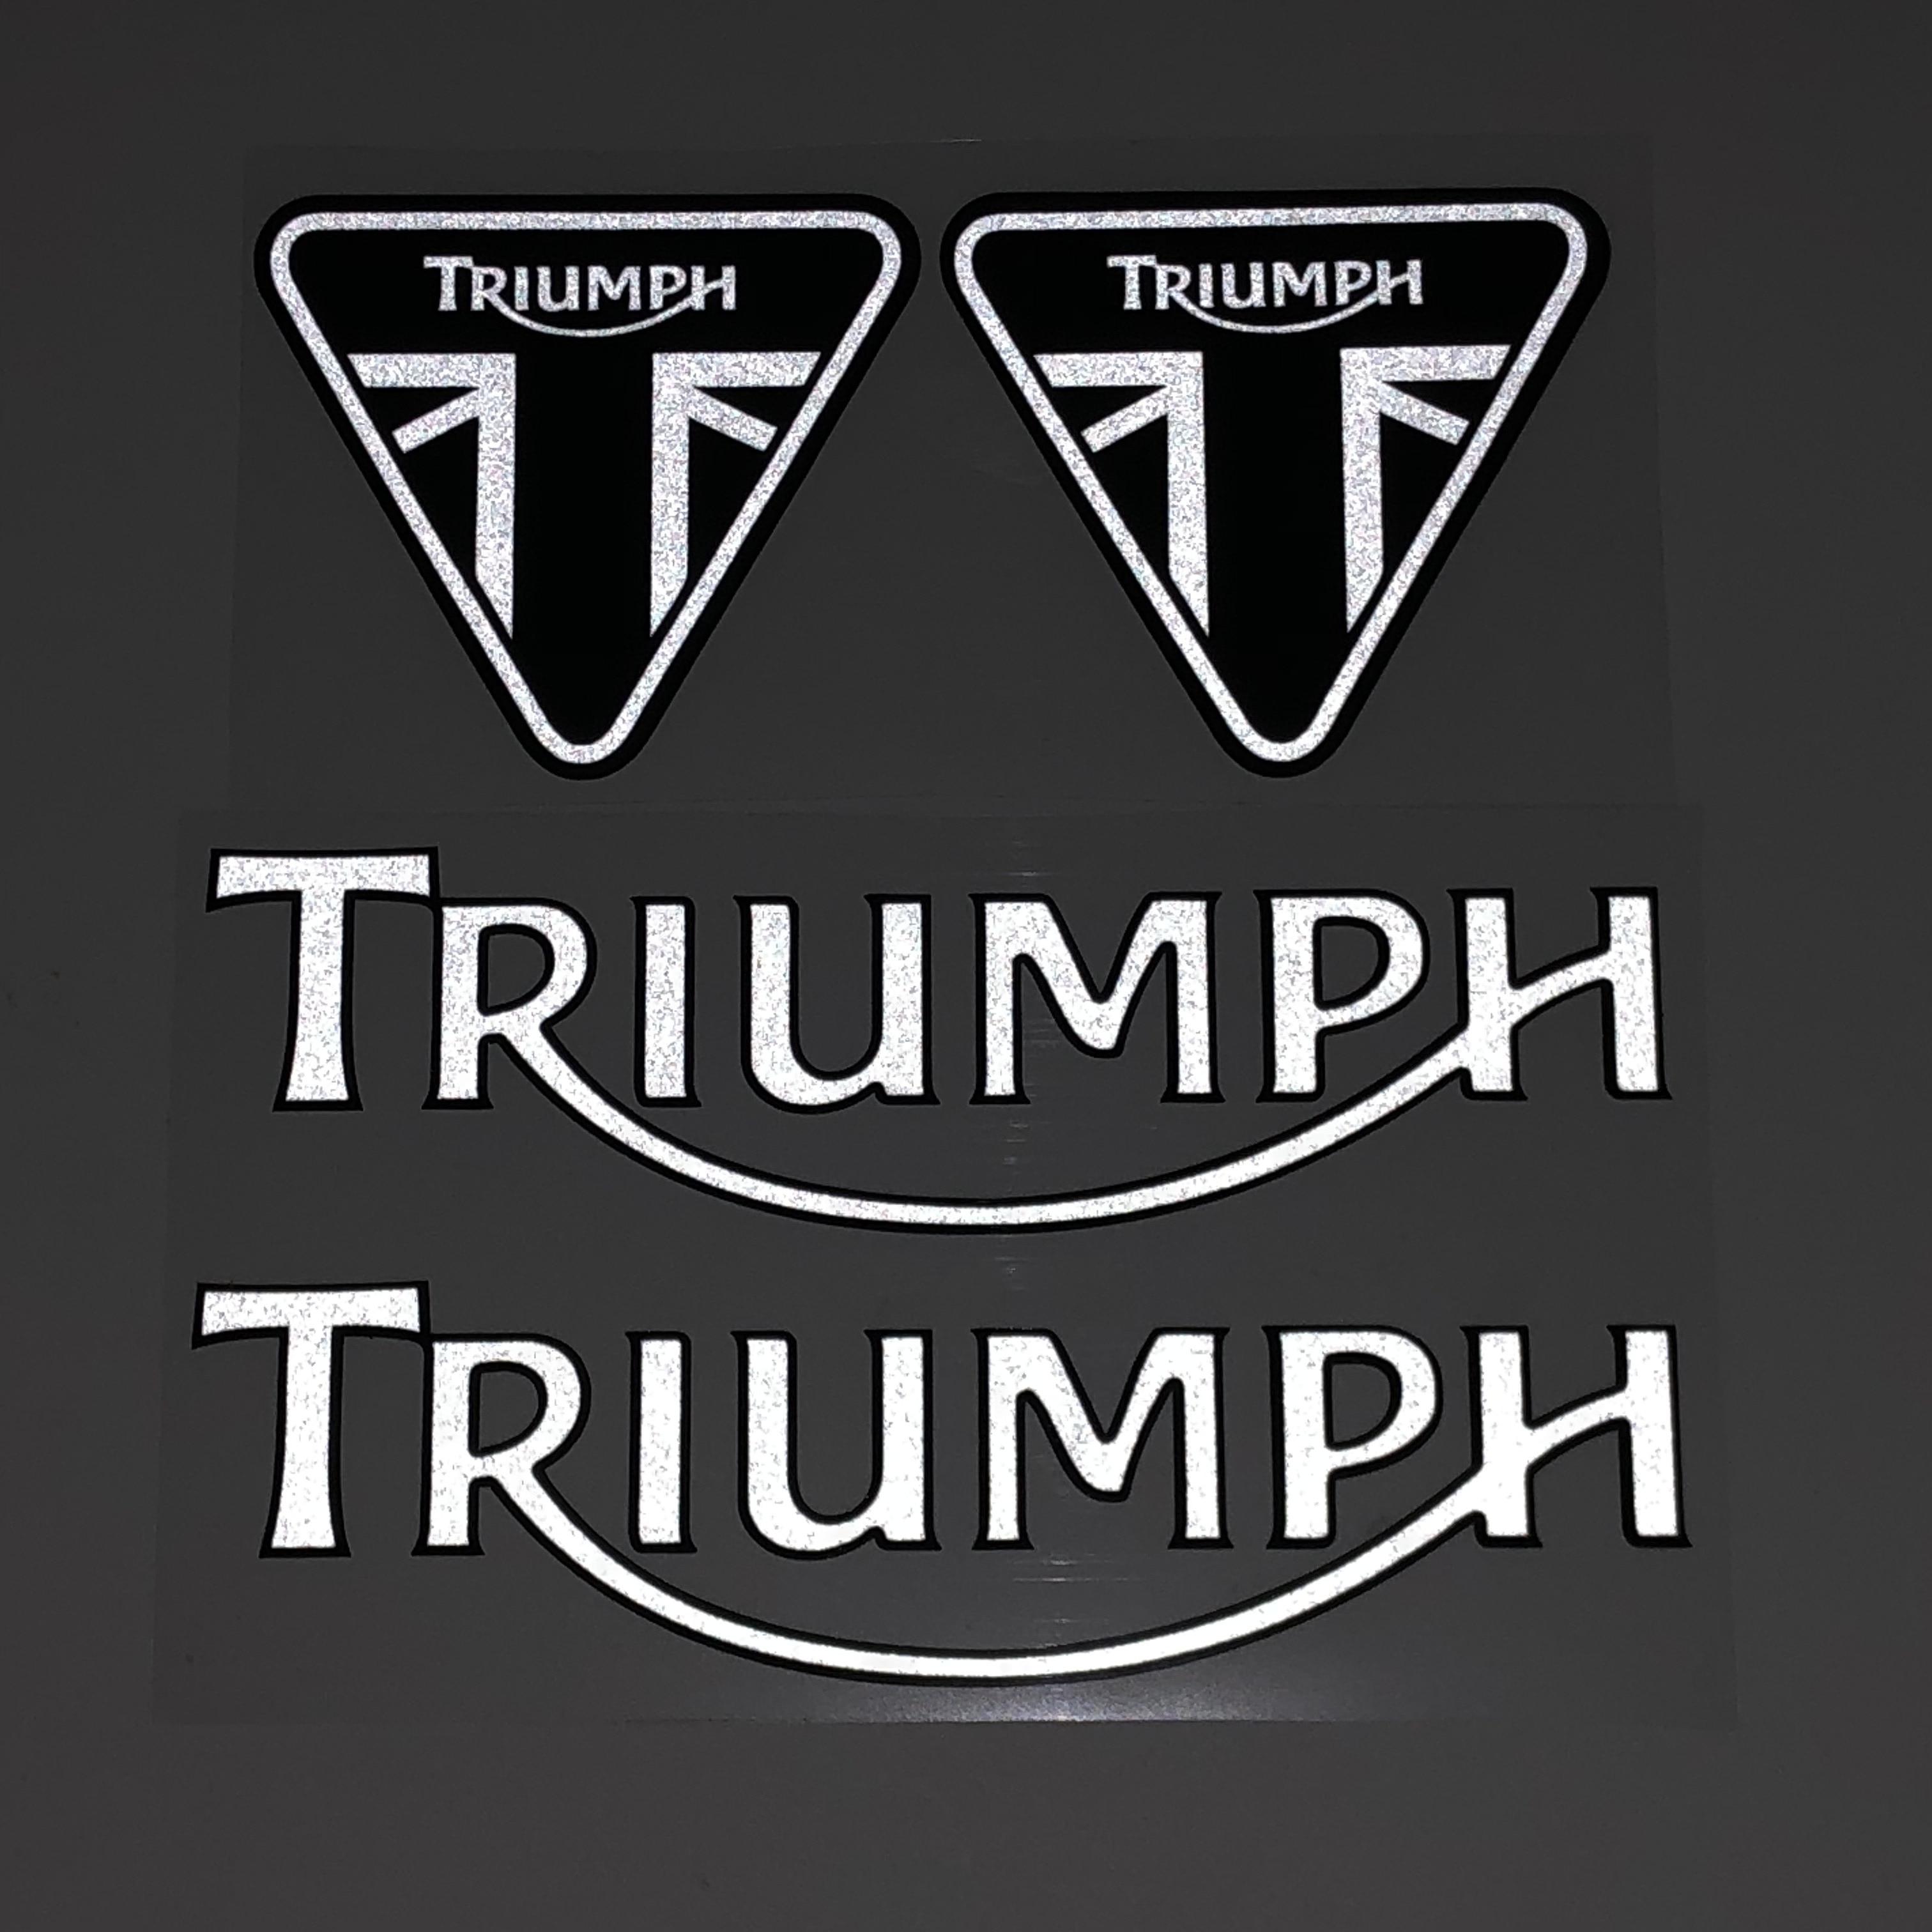 Para triumph capacete da motocicleta tanque de combustível adesivo decalque reflexivo adesivo do carro adequado para o logotipo triumph